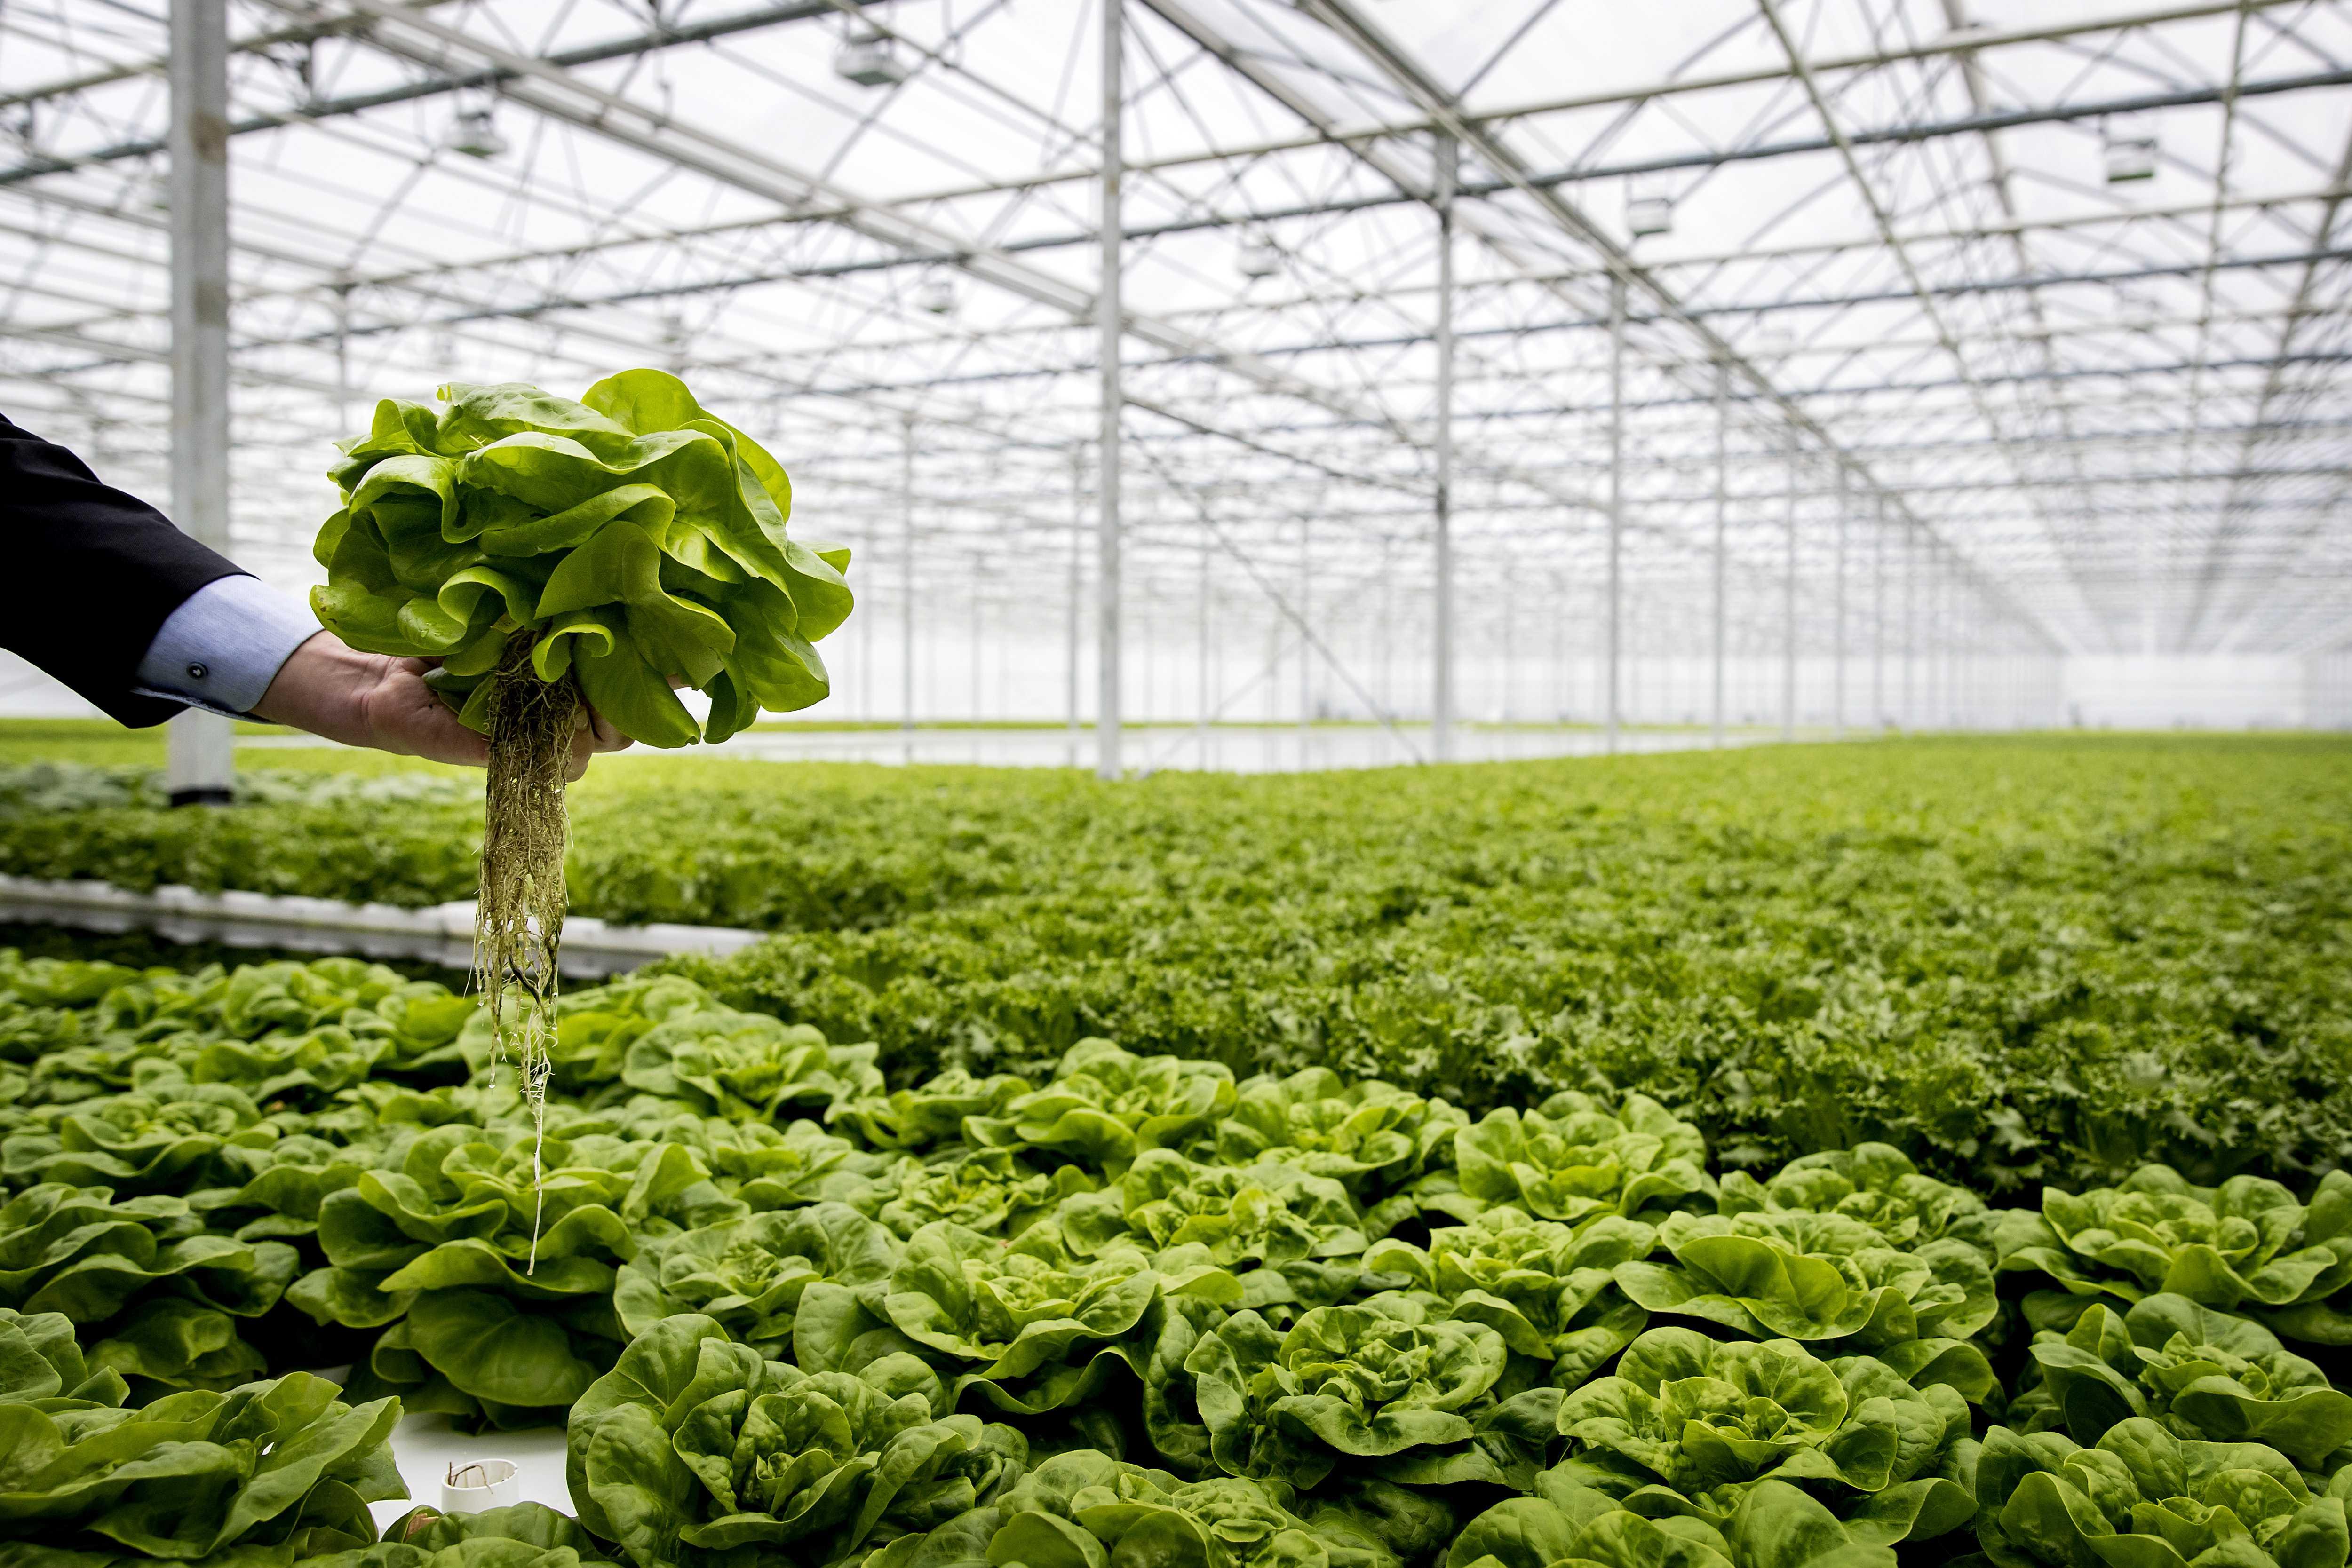 Le piante modificate geneticamente per combattere il cambiamento climatico - VICE